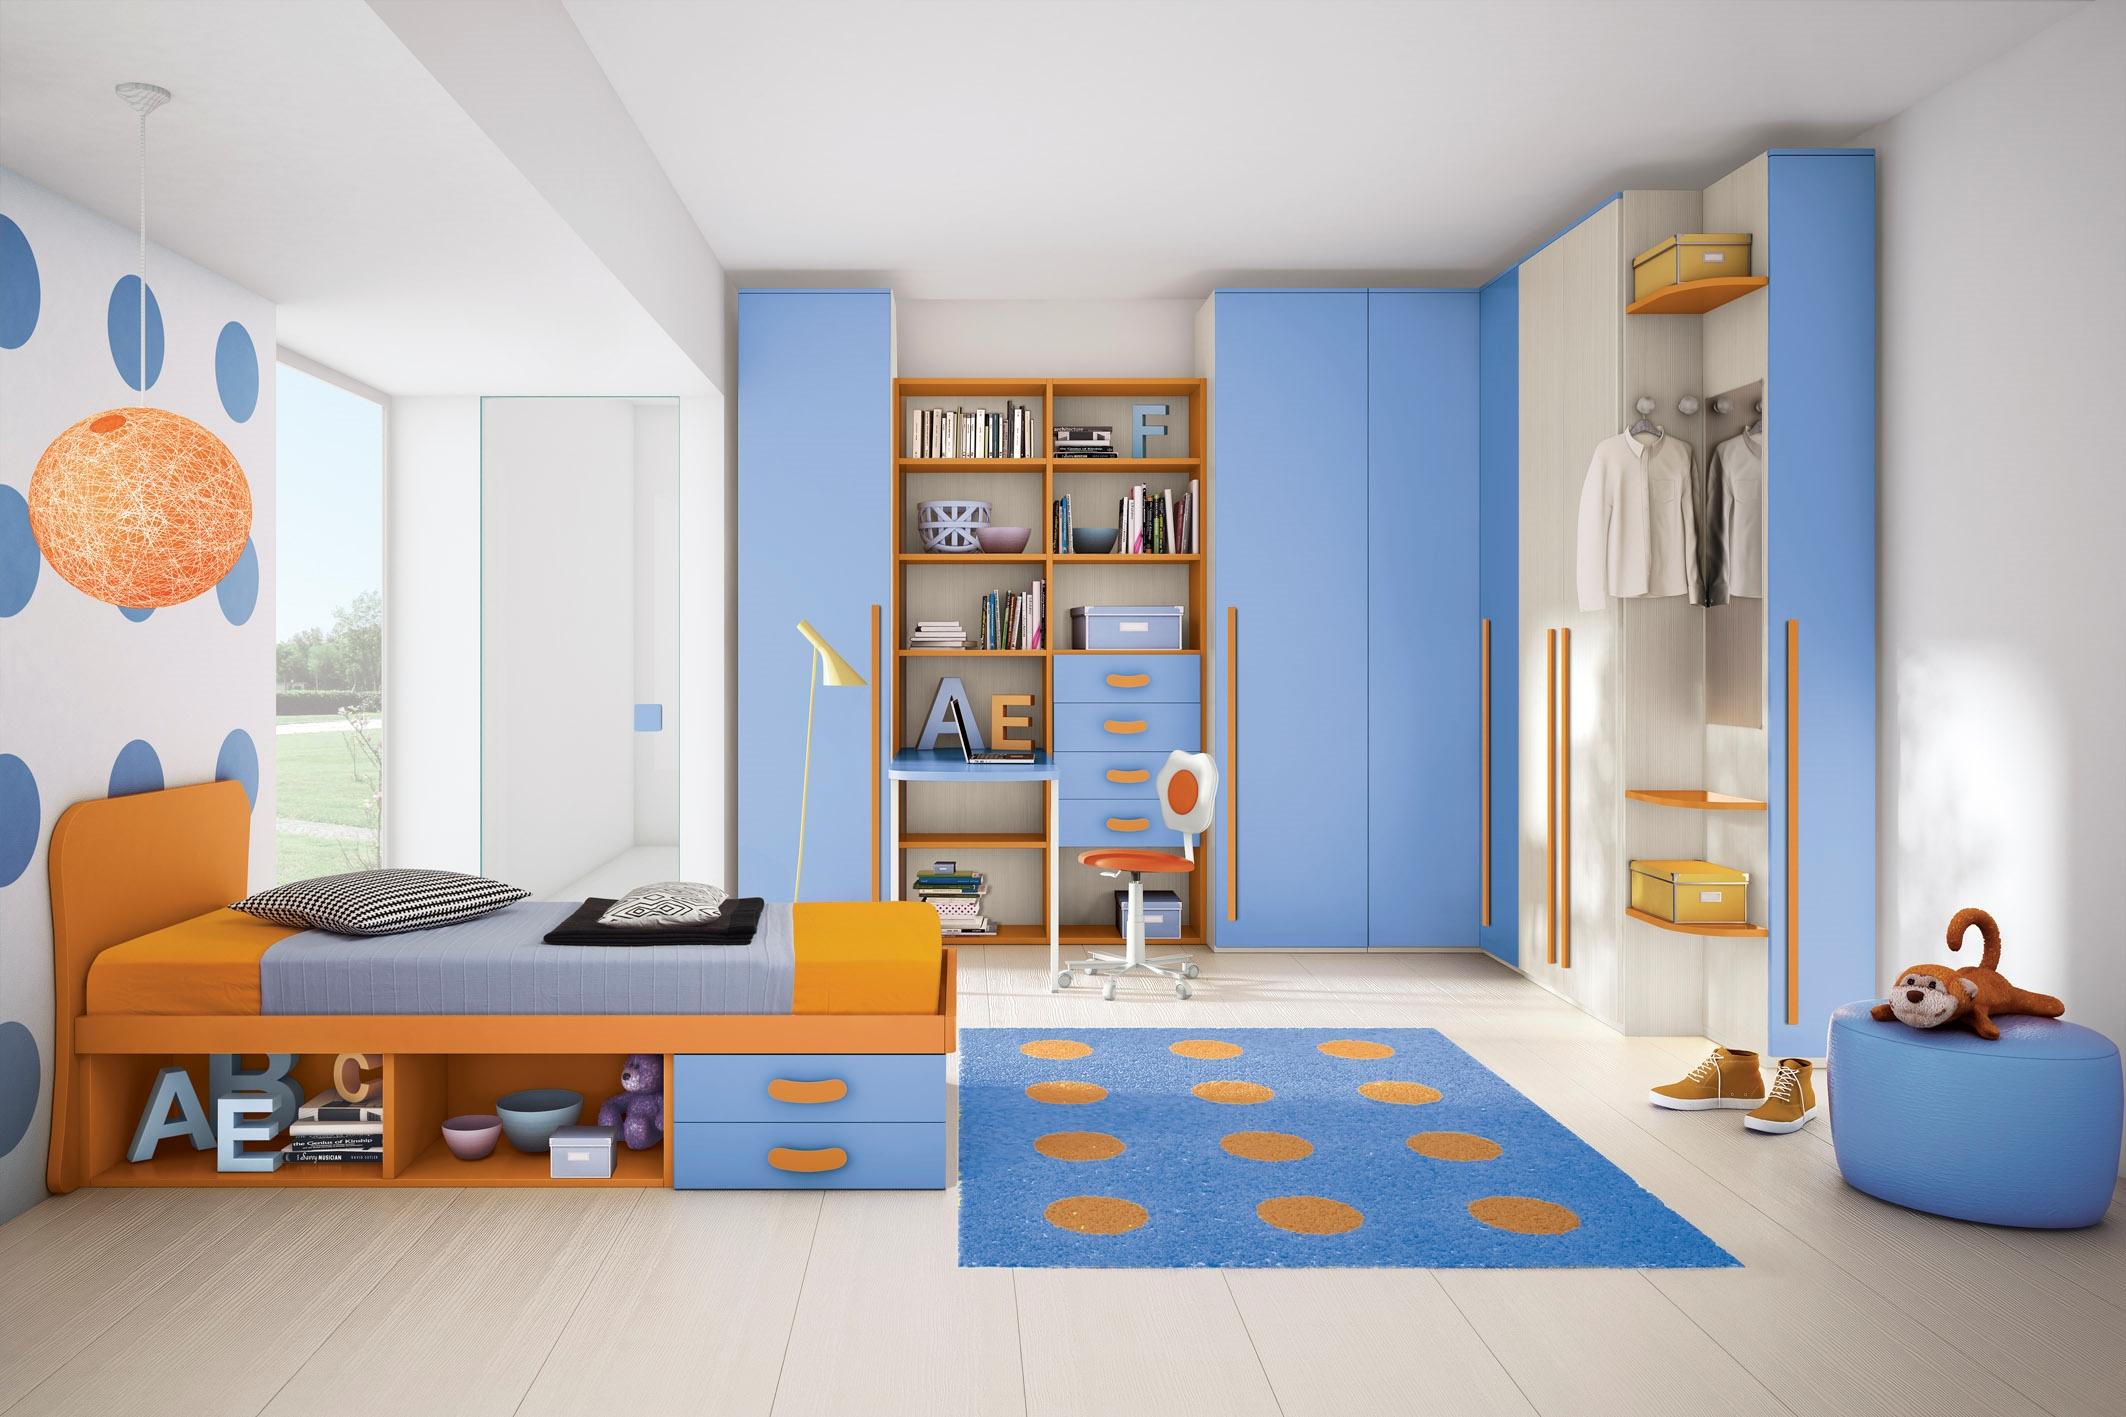 Camerette per bambini con 4 letti : camerette bambini con letti a ...